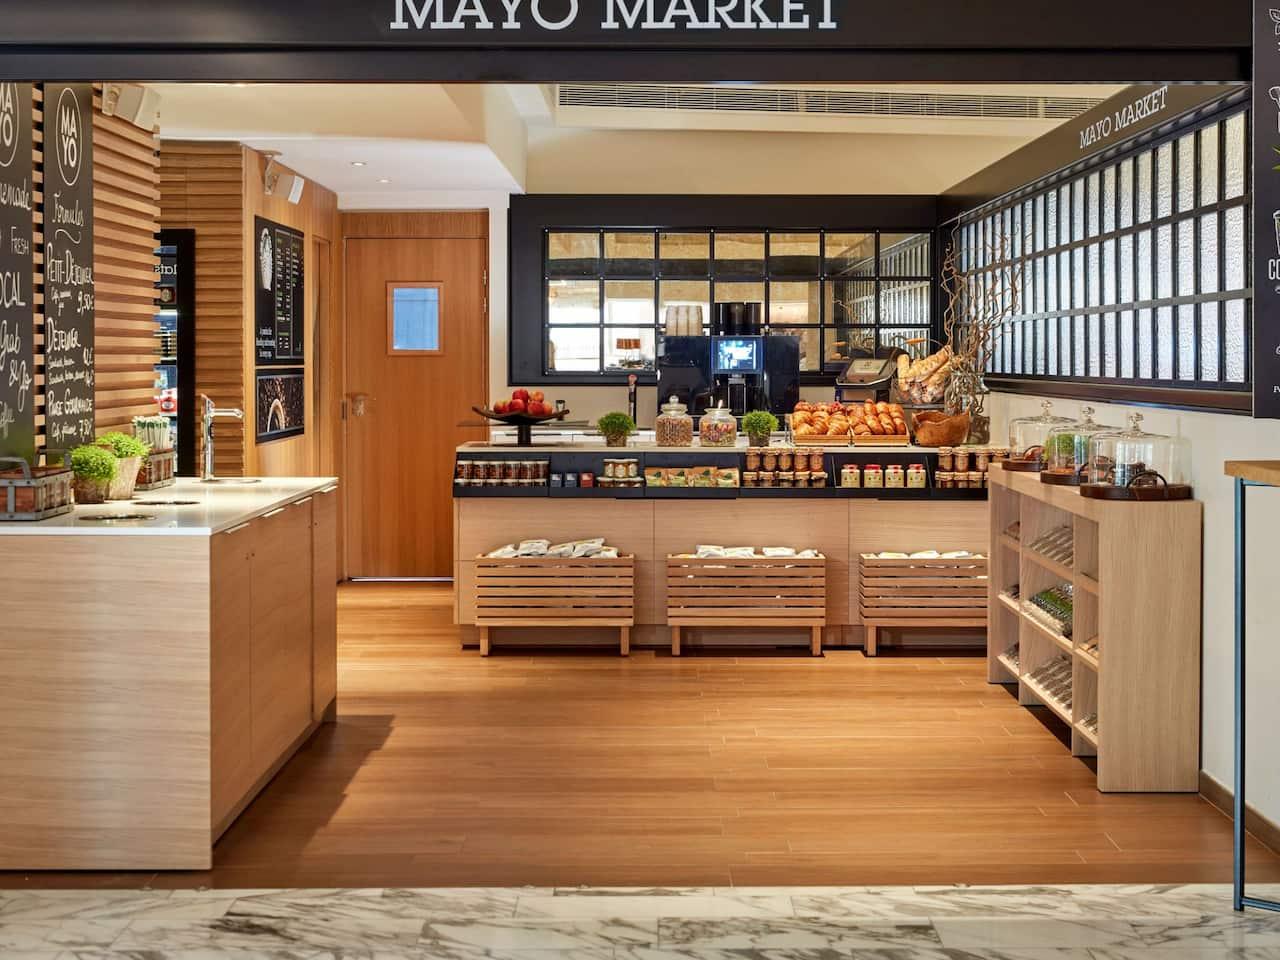 Hyatt Regency Paris Etoile Mayo Market